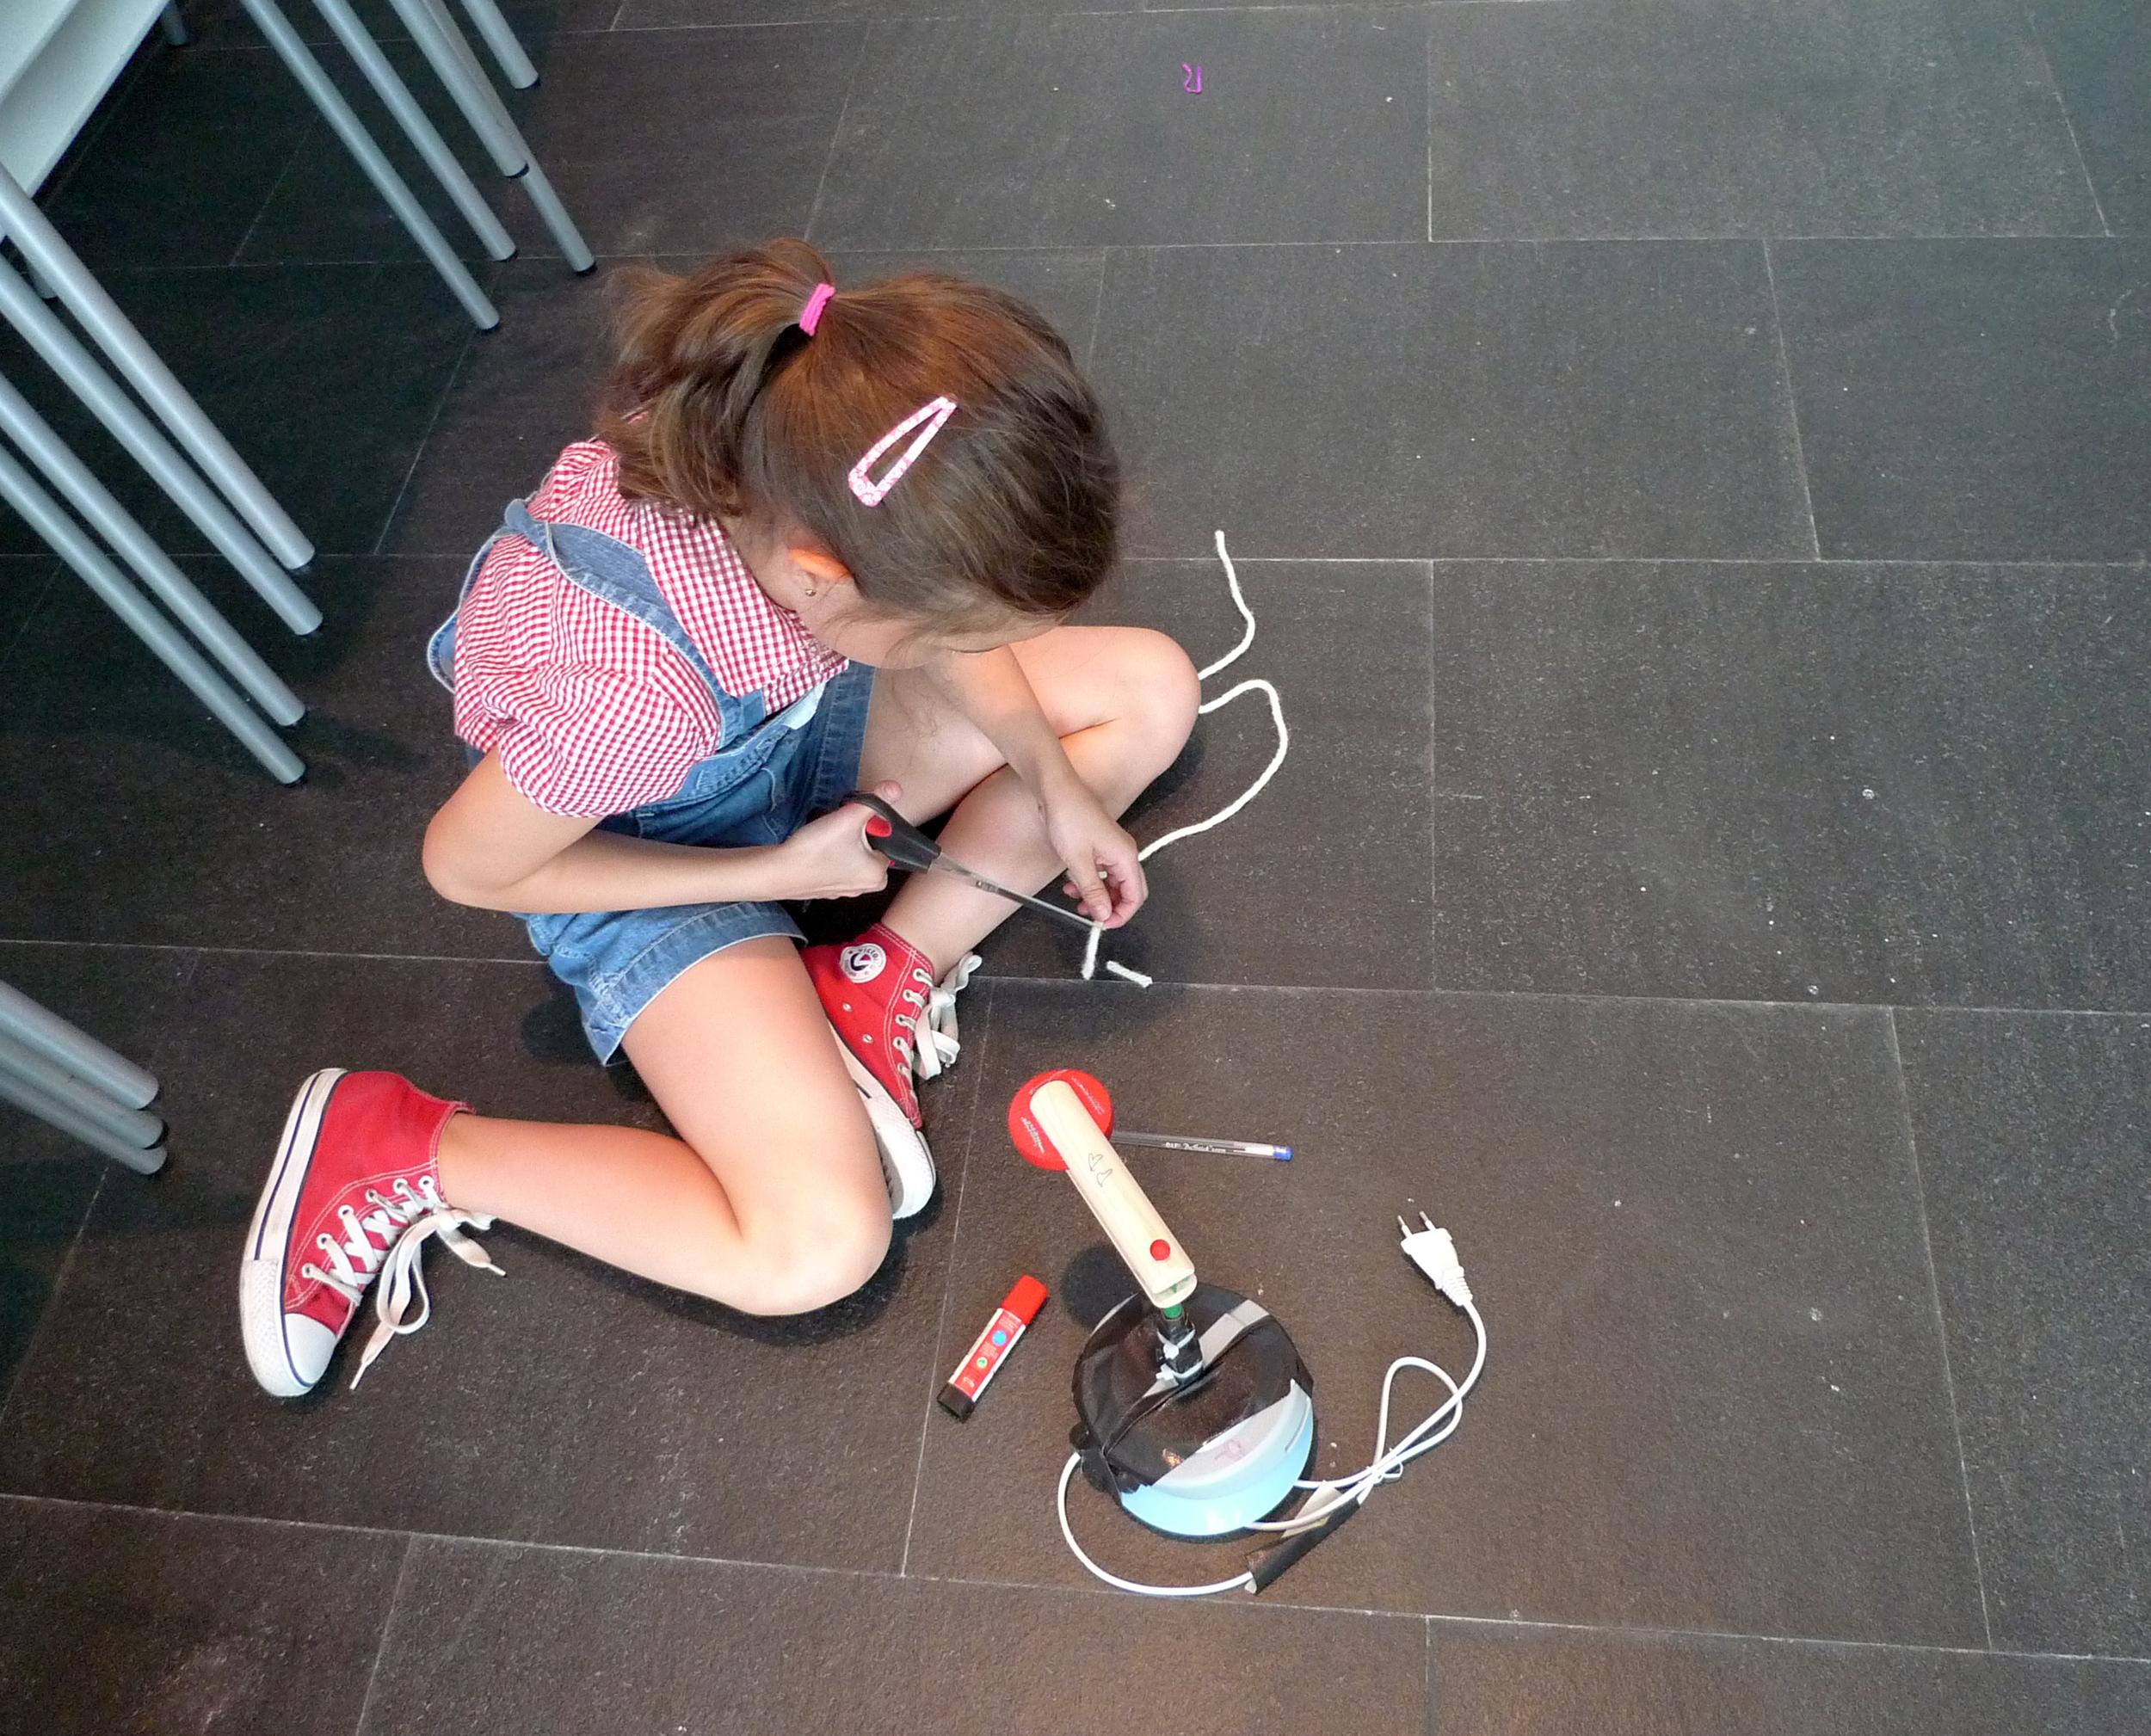 ca2m 2009-7 taller de bricolaje sonoro staalplaat. foto carlos granados.jpg